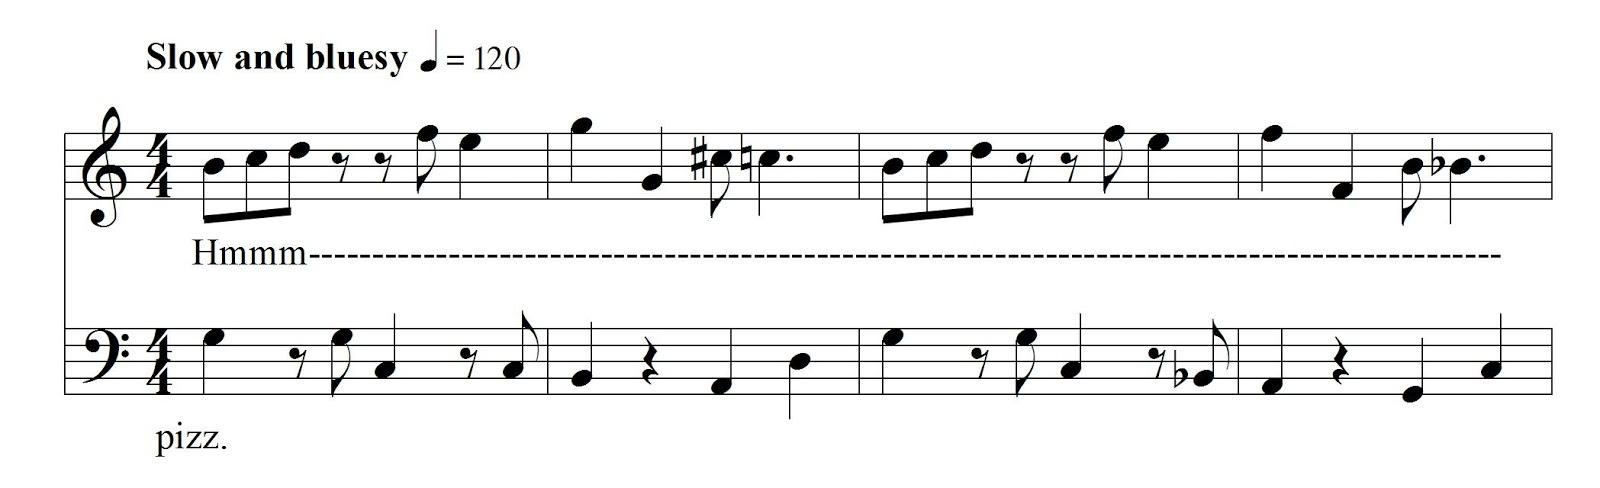 harmonica tablature blues